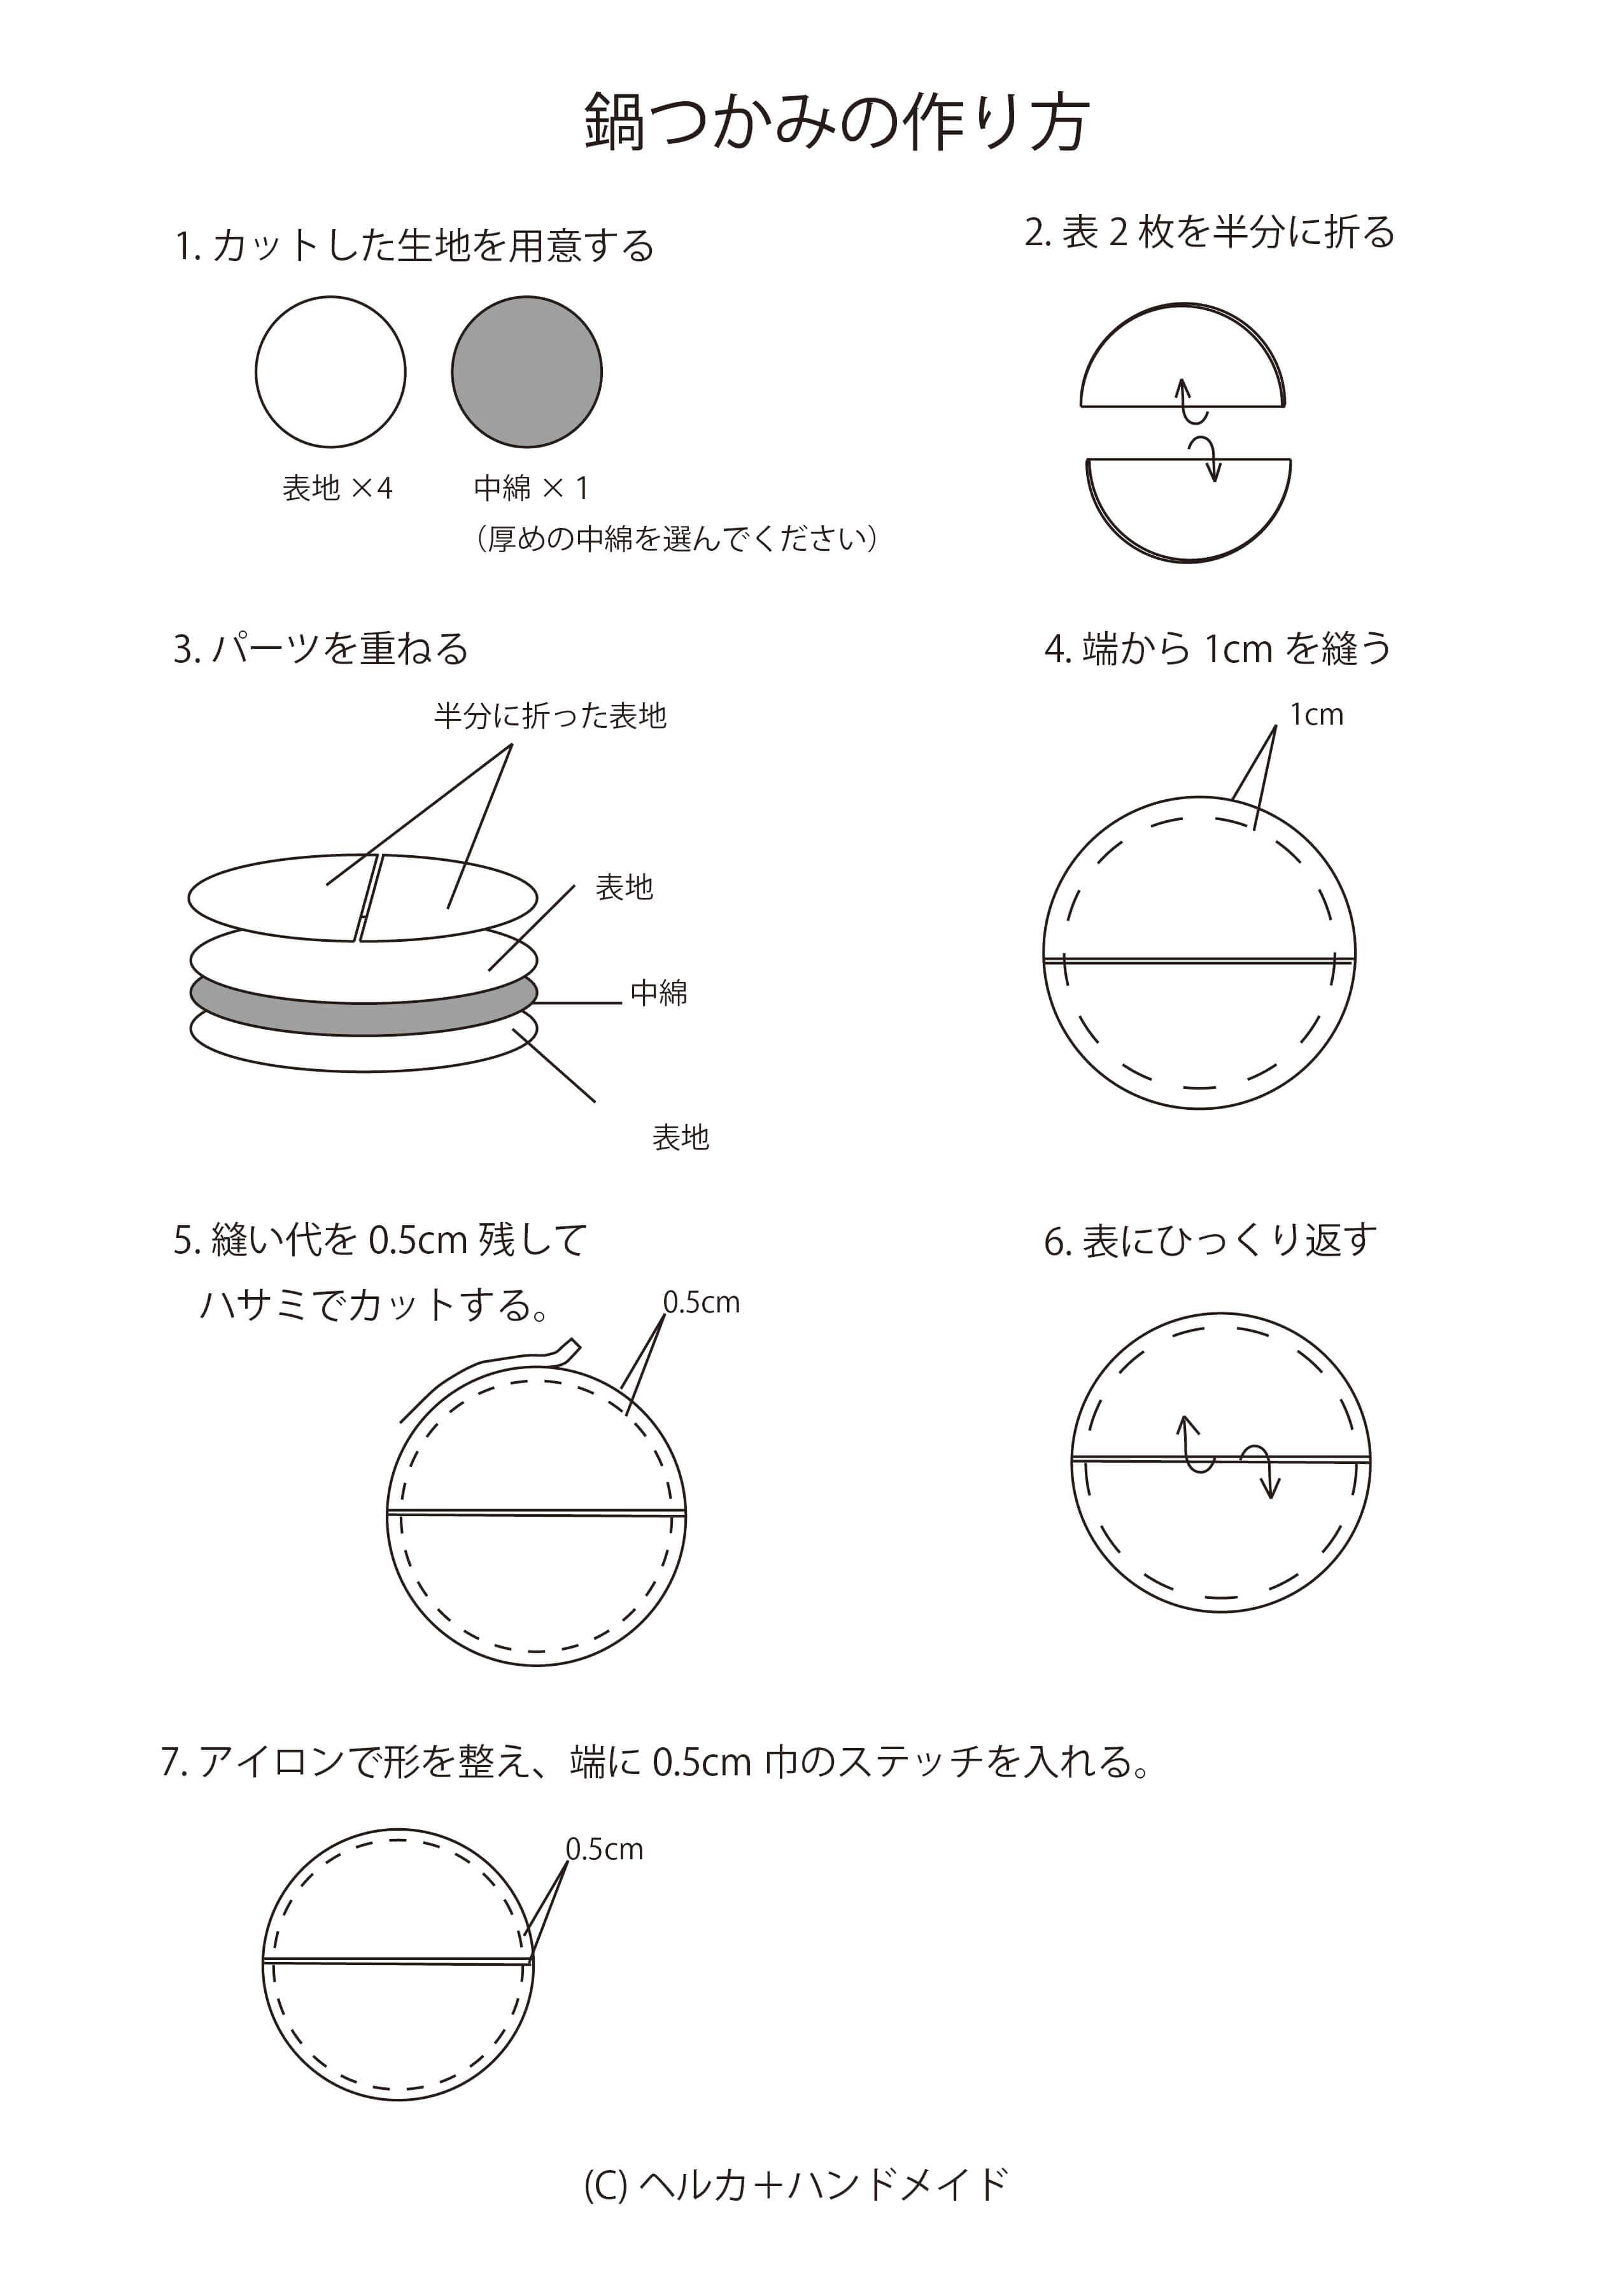 ミトン・鍋つかみの作り方図解